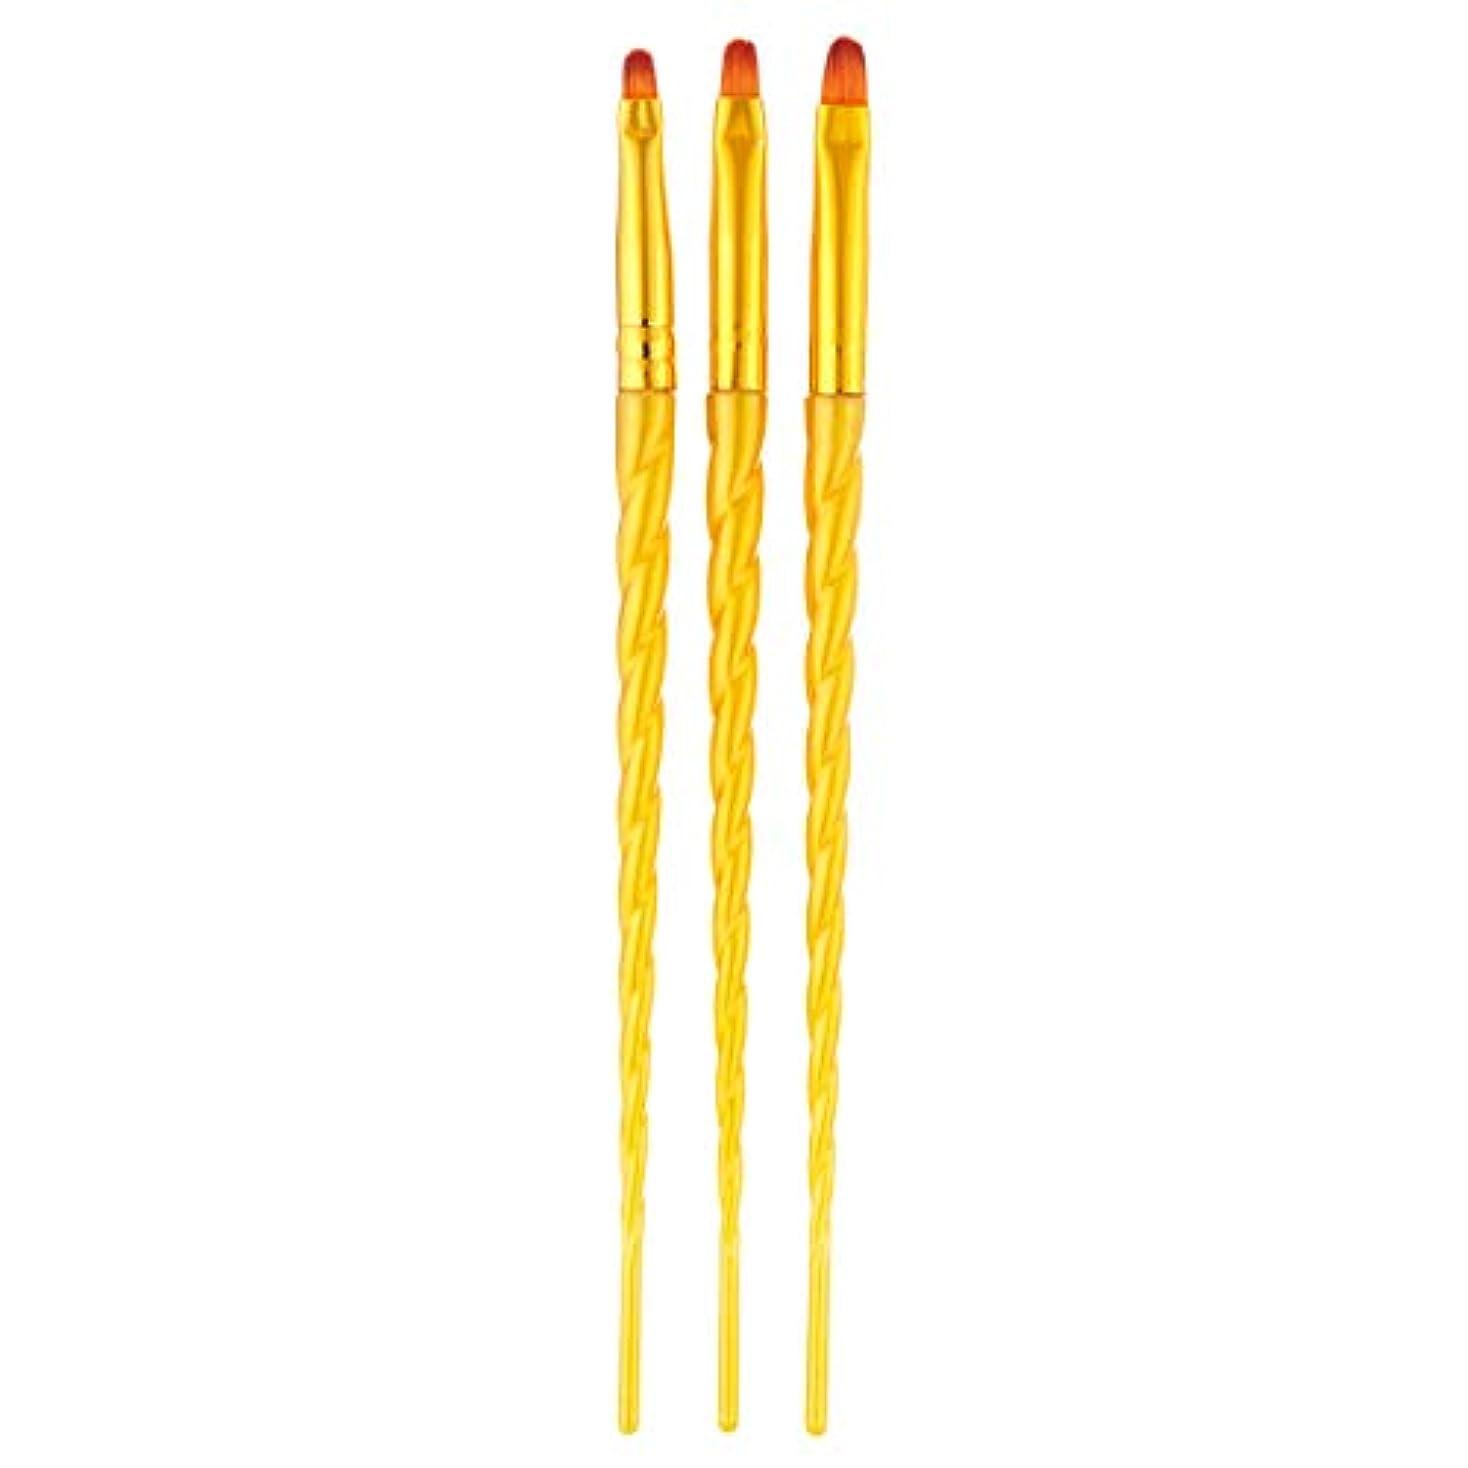 認証有限出血TOOGOO 3ピース/セット、ネイルアート、スレッド、アクリルuvジェルの延長ビルダー、絵画ブラシのパターンのデザイン、描画用ペン、マニキュアツール、ゴールデン